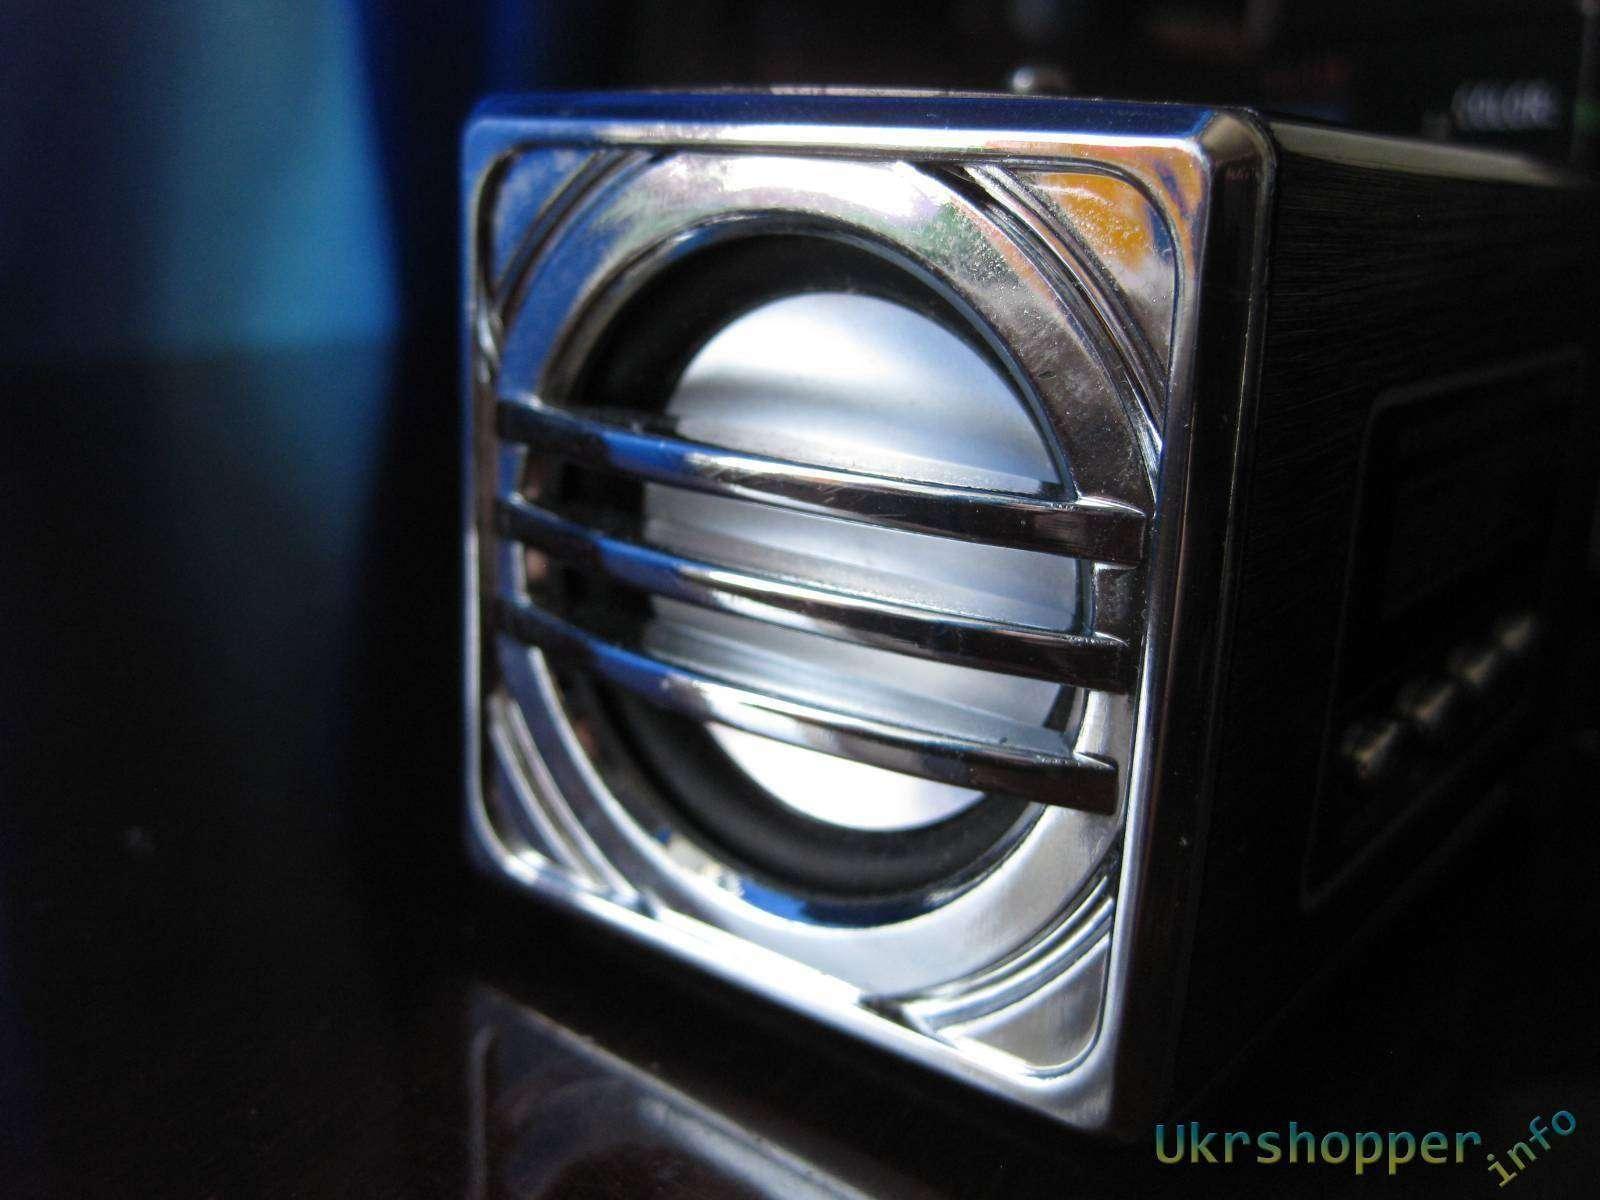 Aliexpress: Компактный и качественный спикер c FM радио